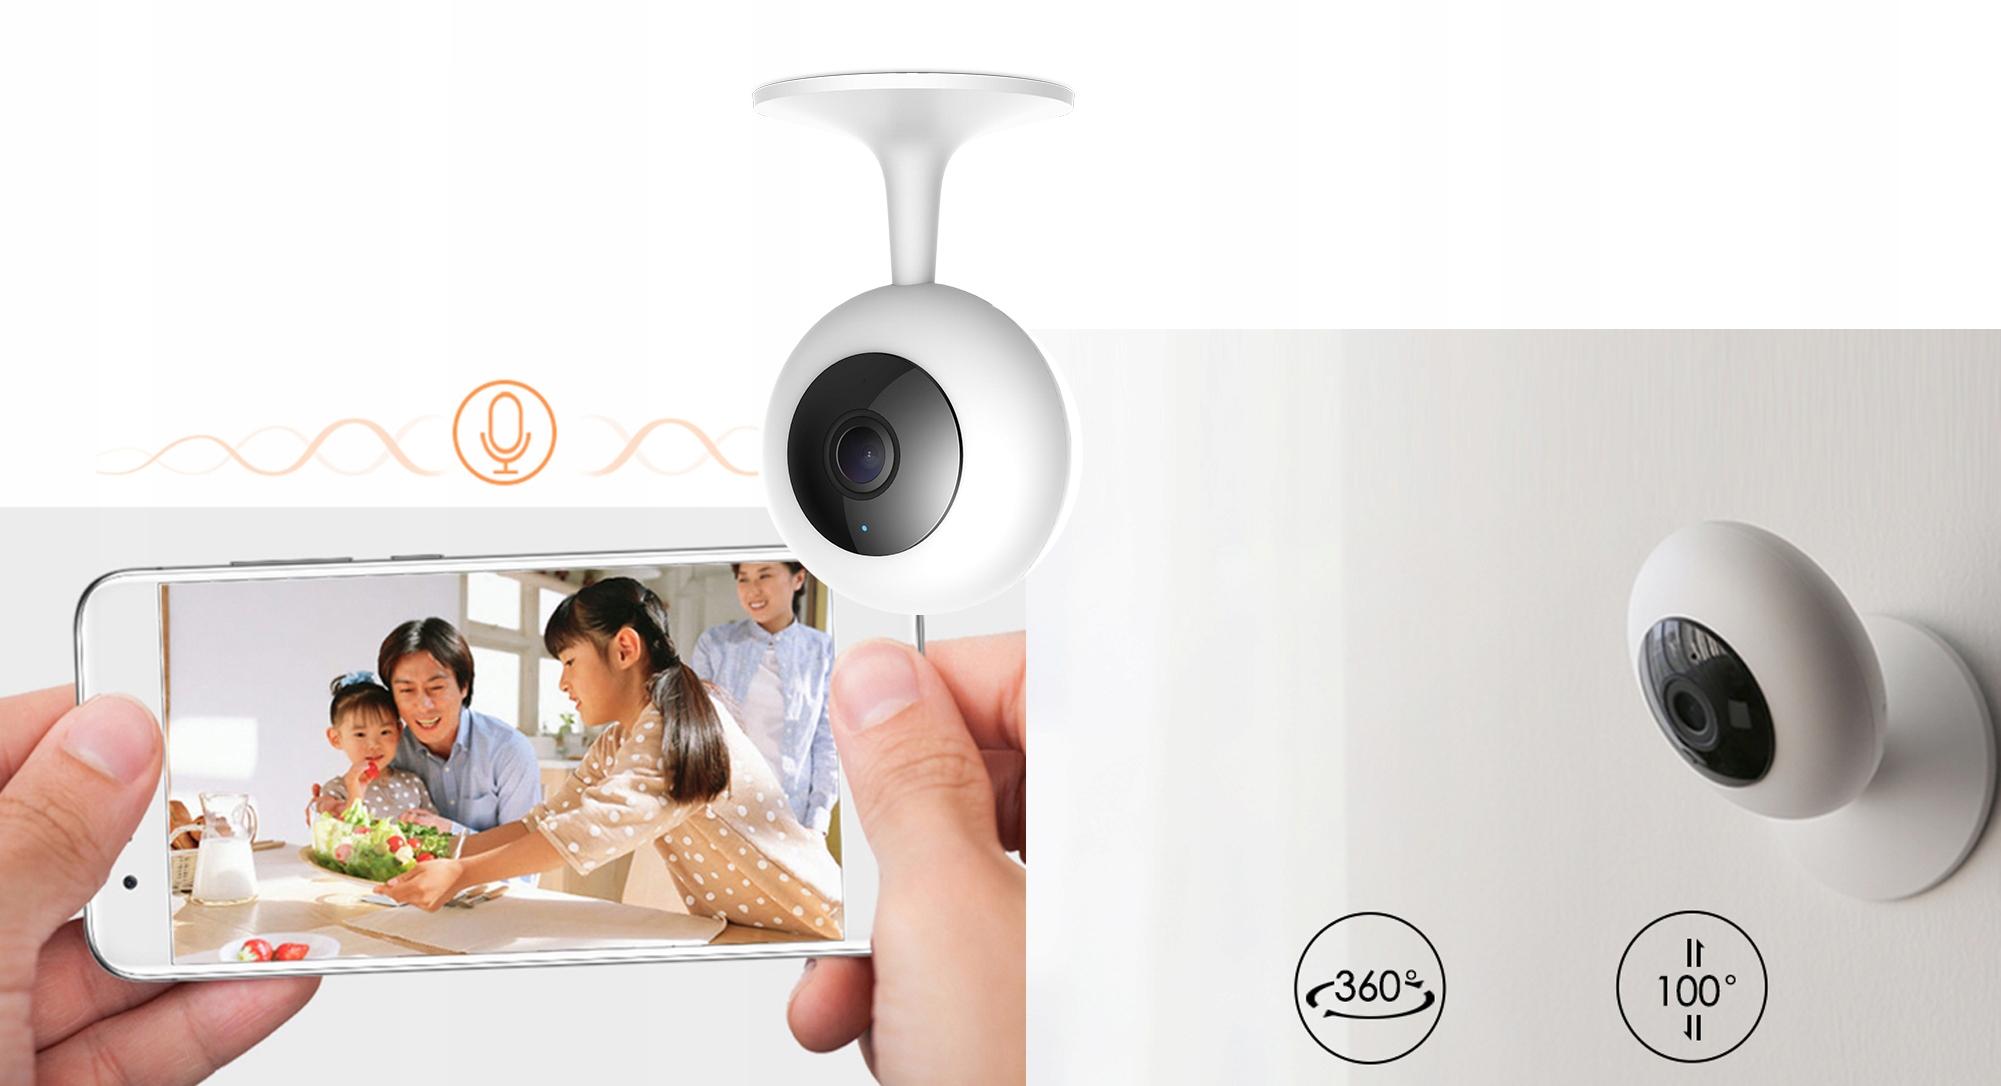 IMILAB MI HOME 1080p H.265 Kamera IP 64GB NIANIA Rozdzielczość 2 Mpx